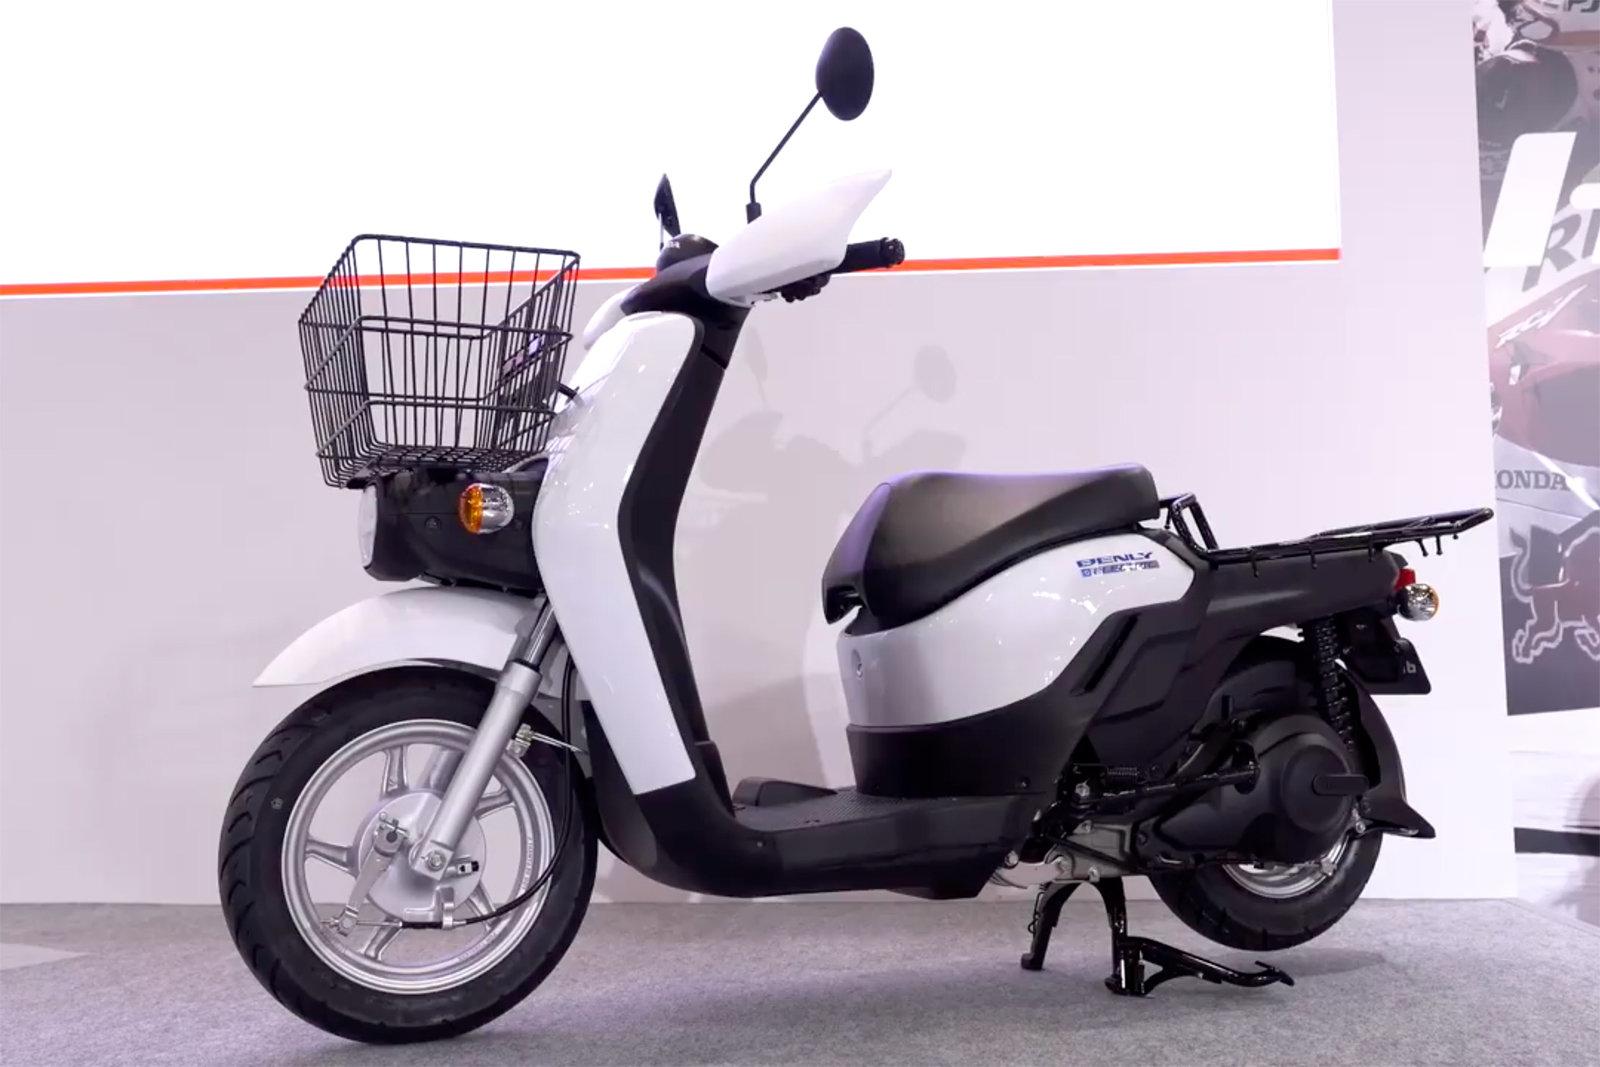 Honda non pensa solo alle auto elettriche: ecco le moto CR Electric e Benly Electric 1